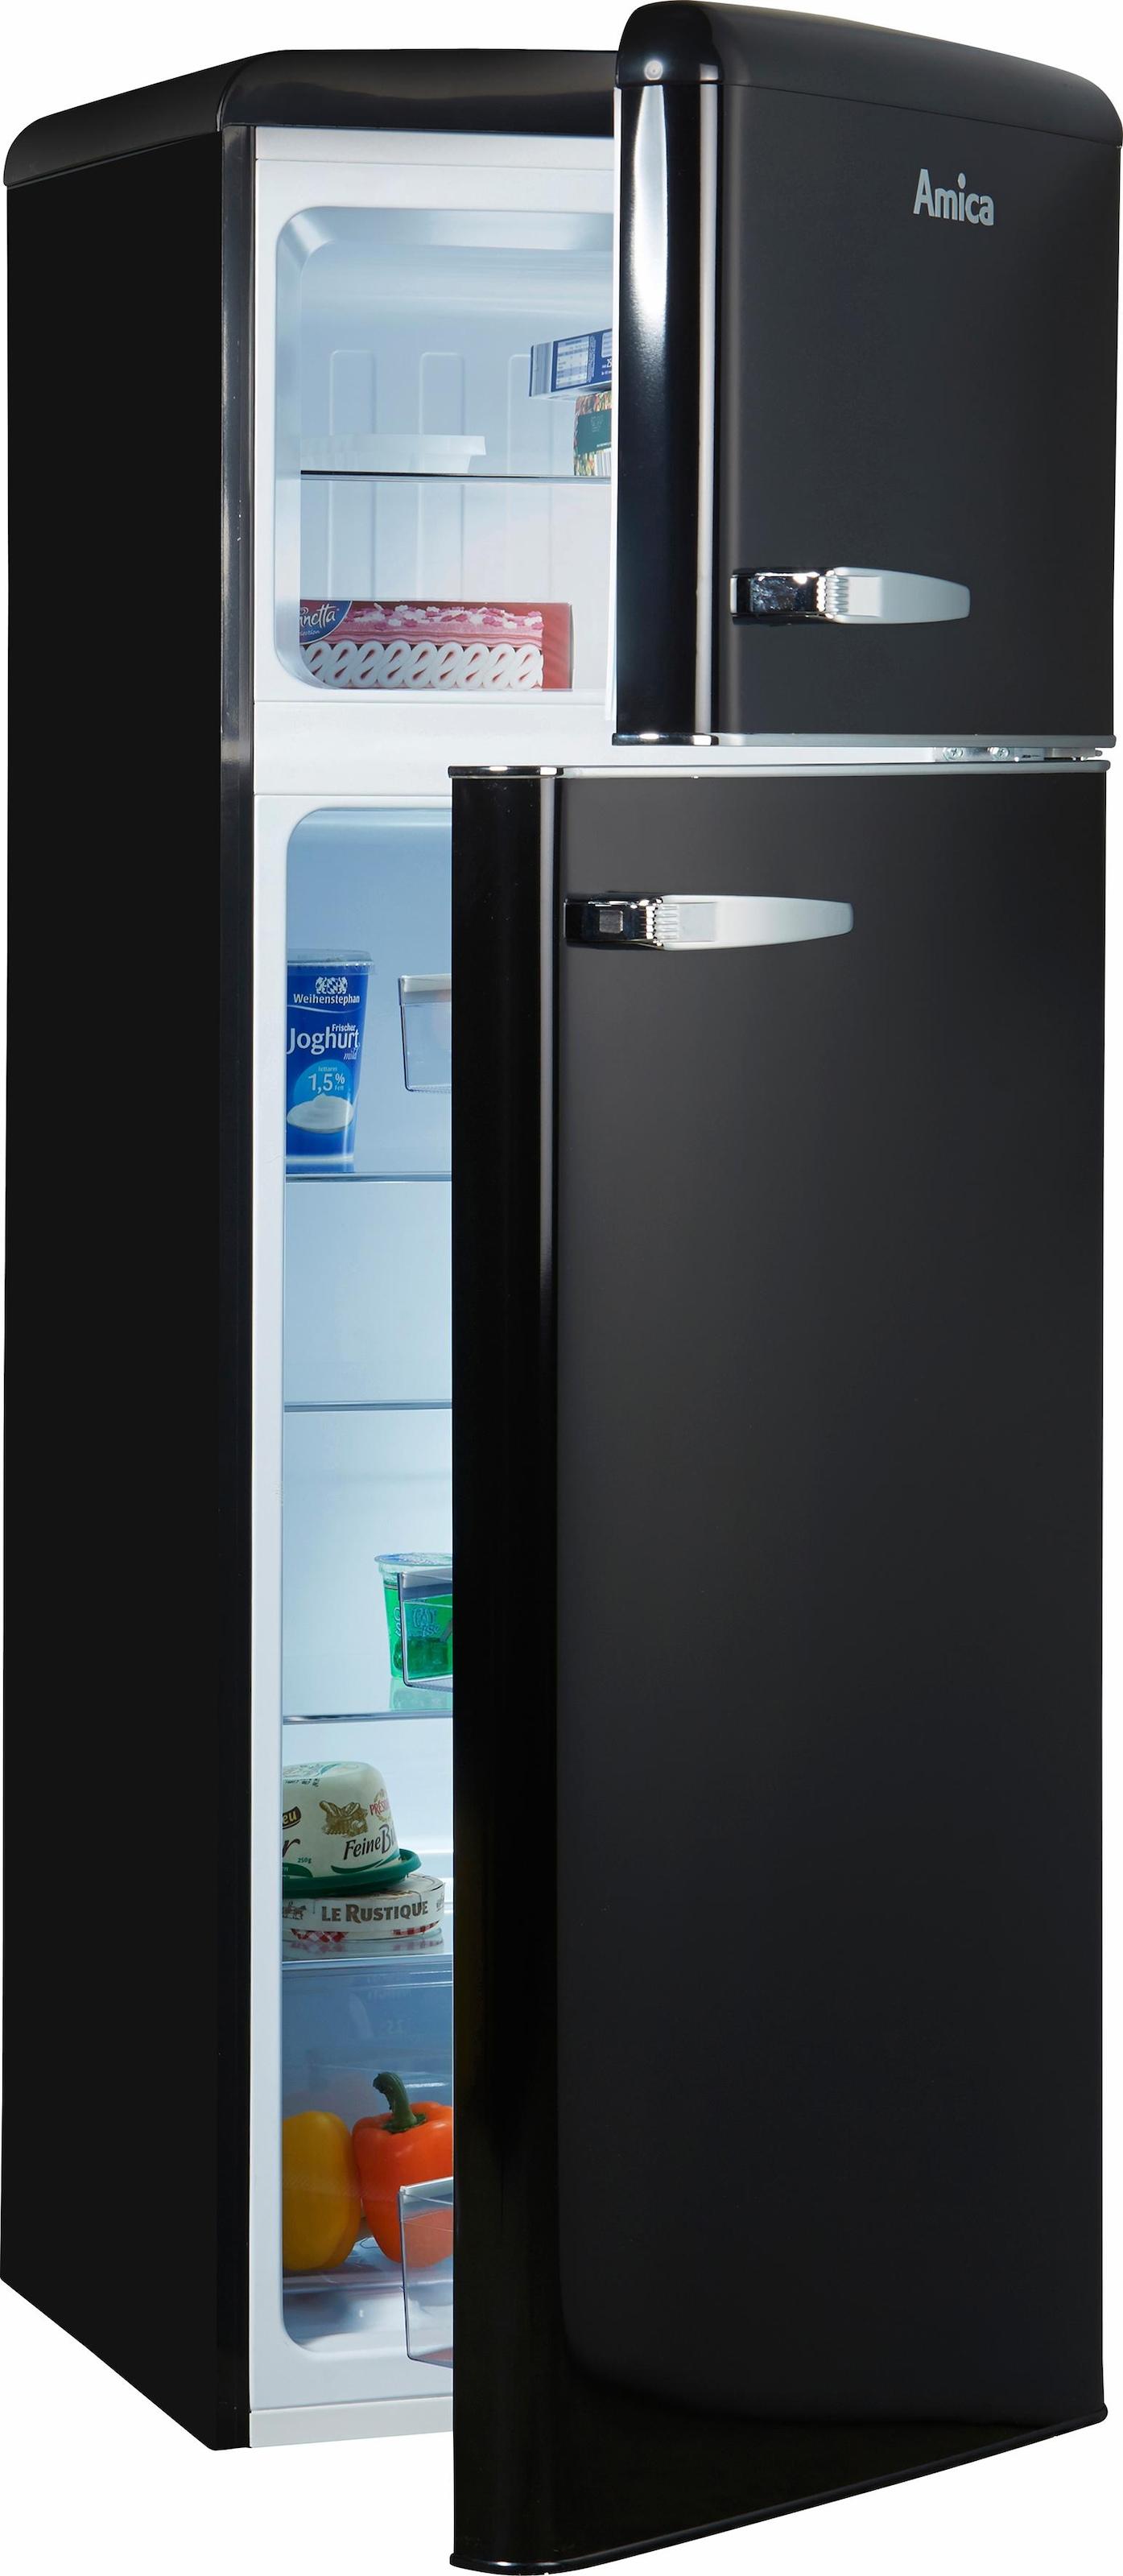 Amica Kühlschrank Bedienungsanleitung : Amica kühl gefrierkombination kgc s cm hoch online